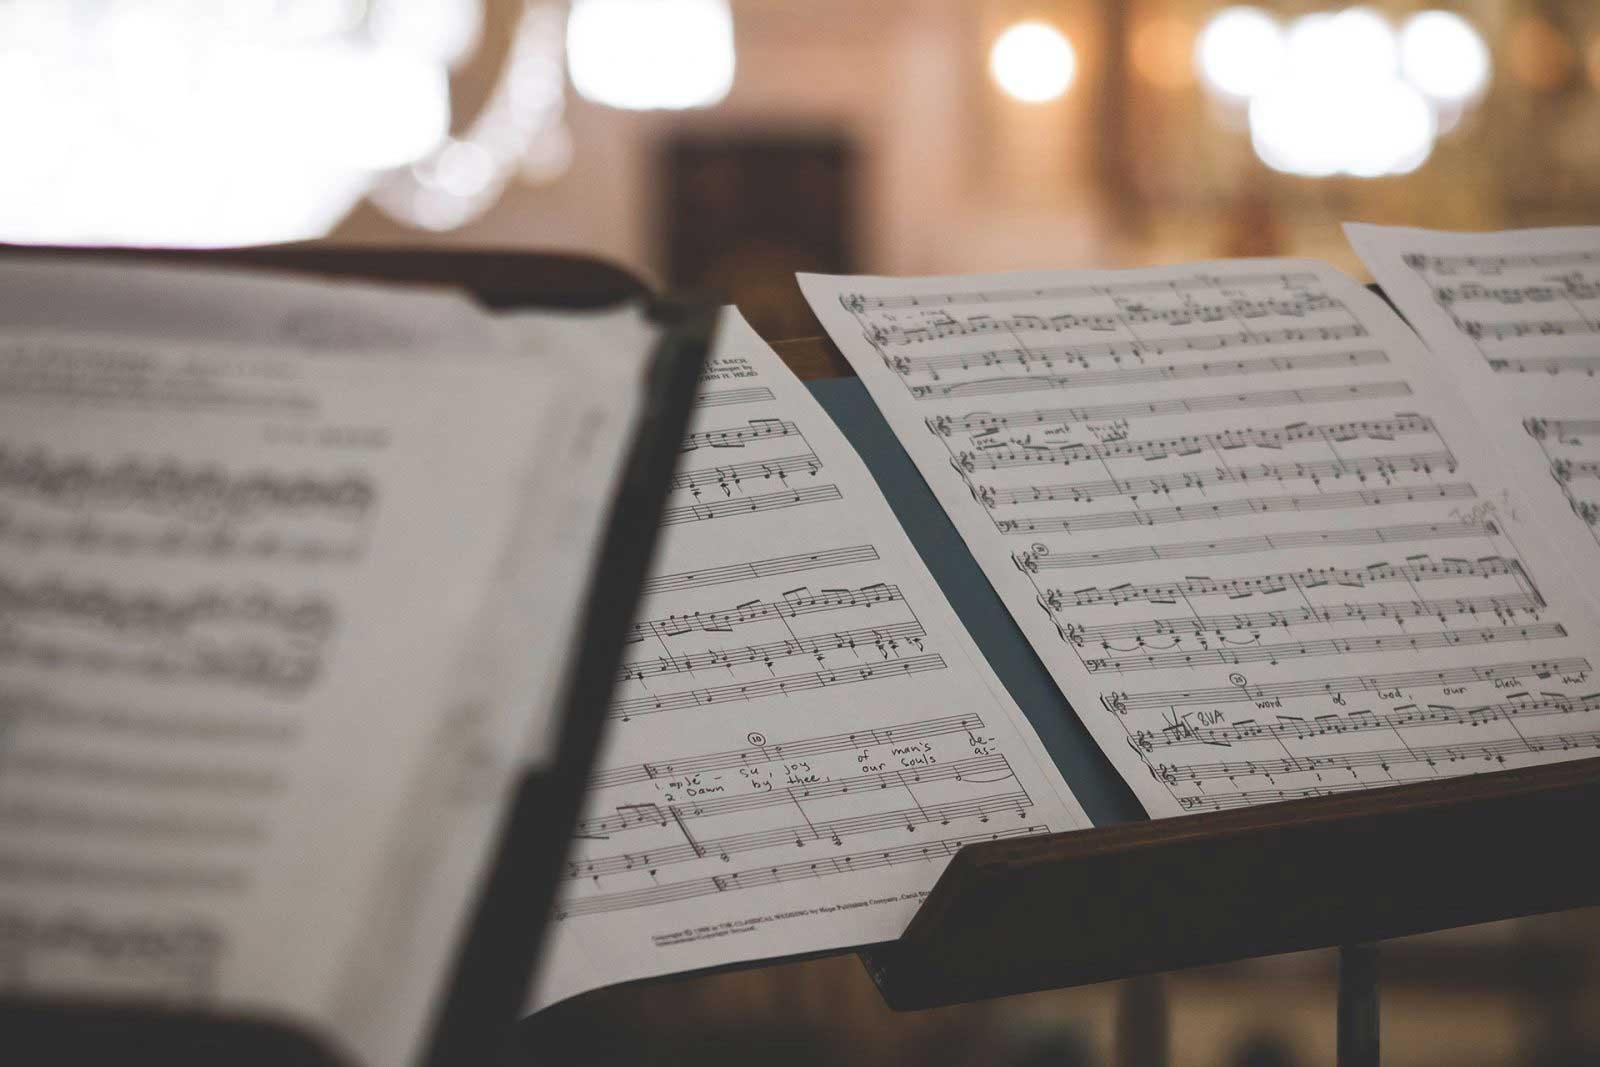 Gesand und Instrumente